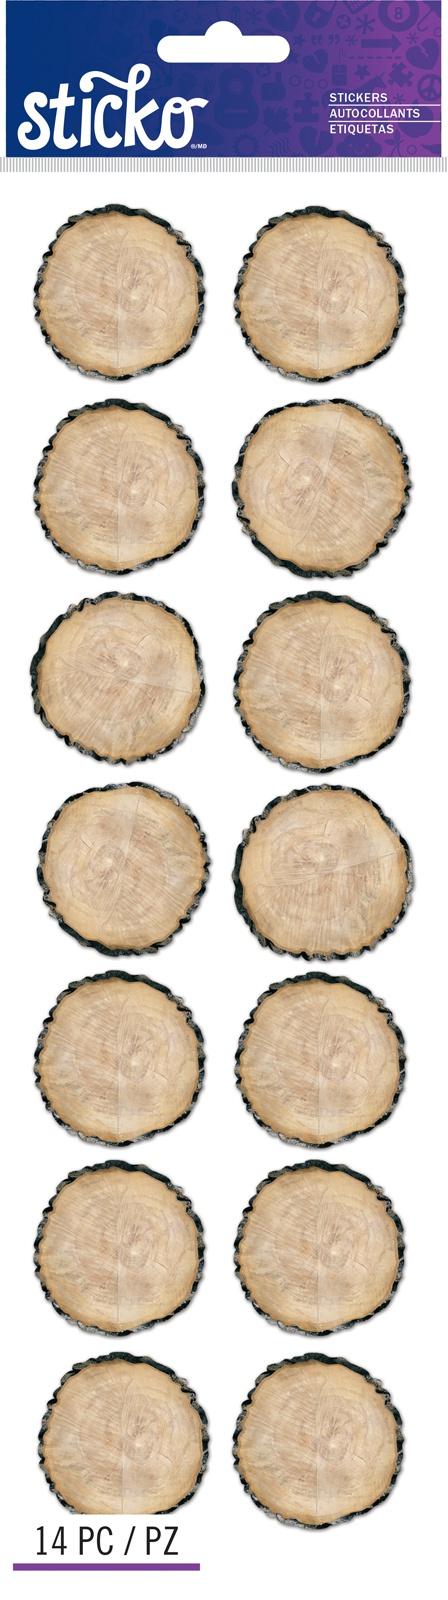 Sticko Stickers-Woodgrain Round Labels